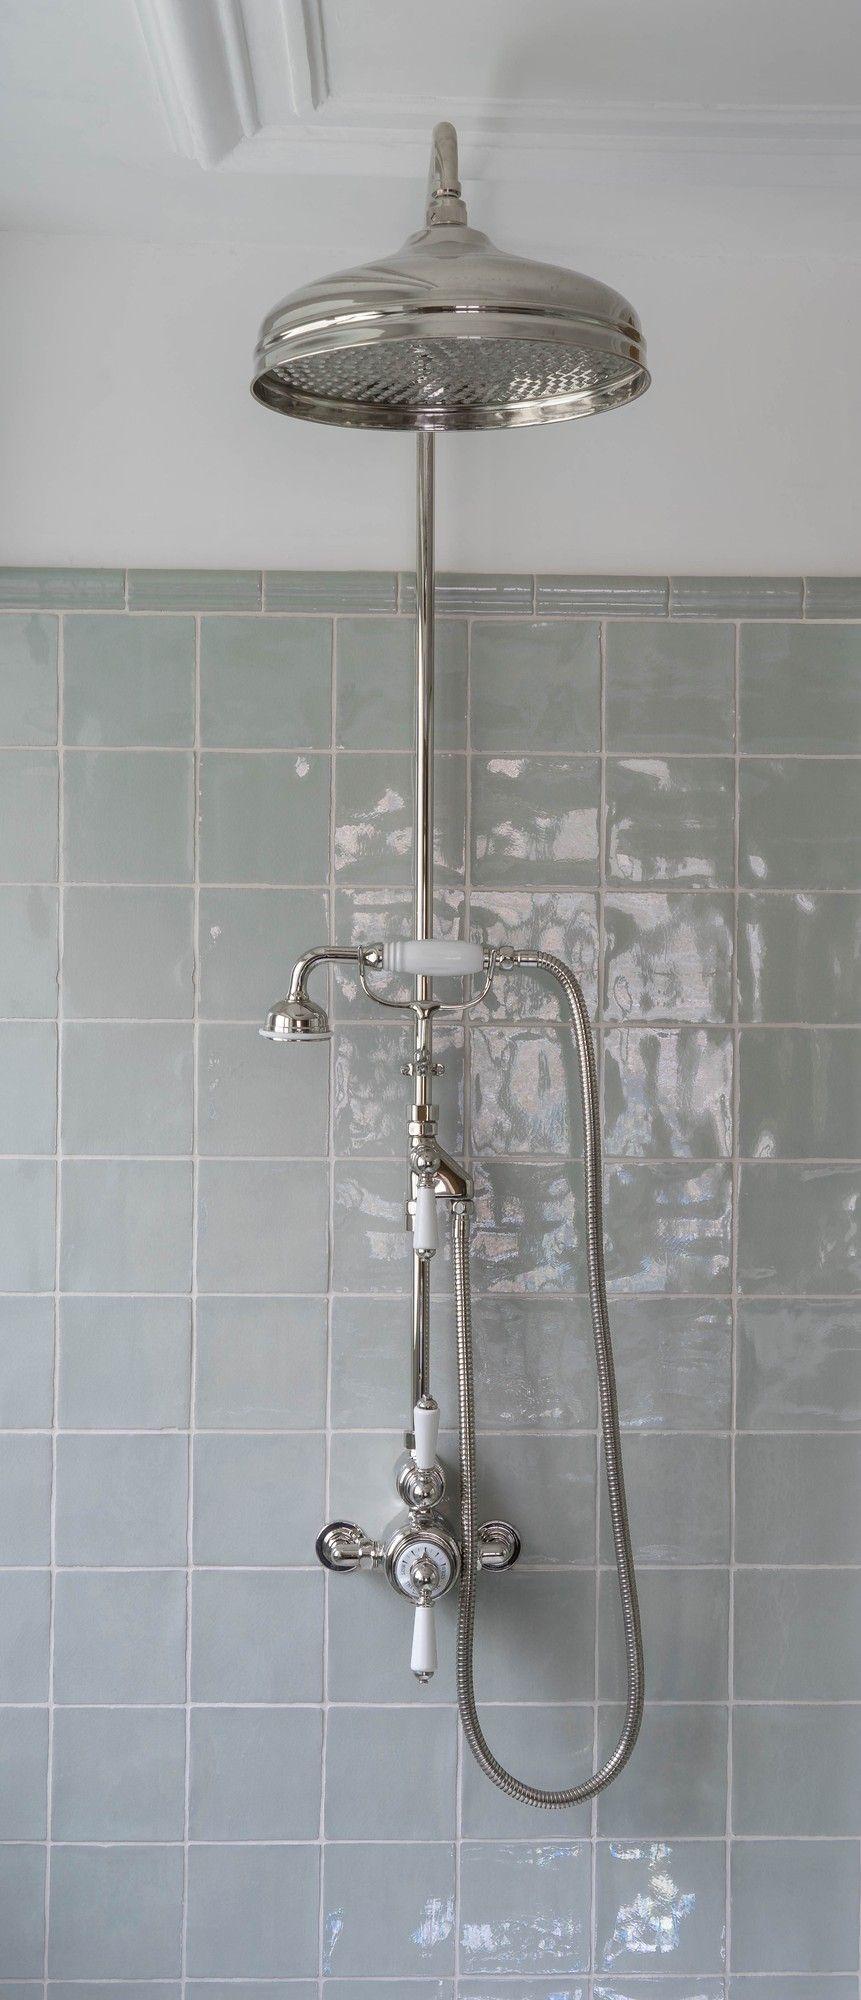 Duschbrause Modell Ascot Mit Passender Thermostat Duscharmatur Diese Besticht Besonders Durch Die Ausstattung Mit Echten Porze Duschbrause Duscharmatur Dusche